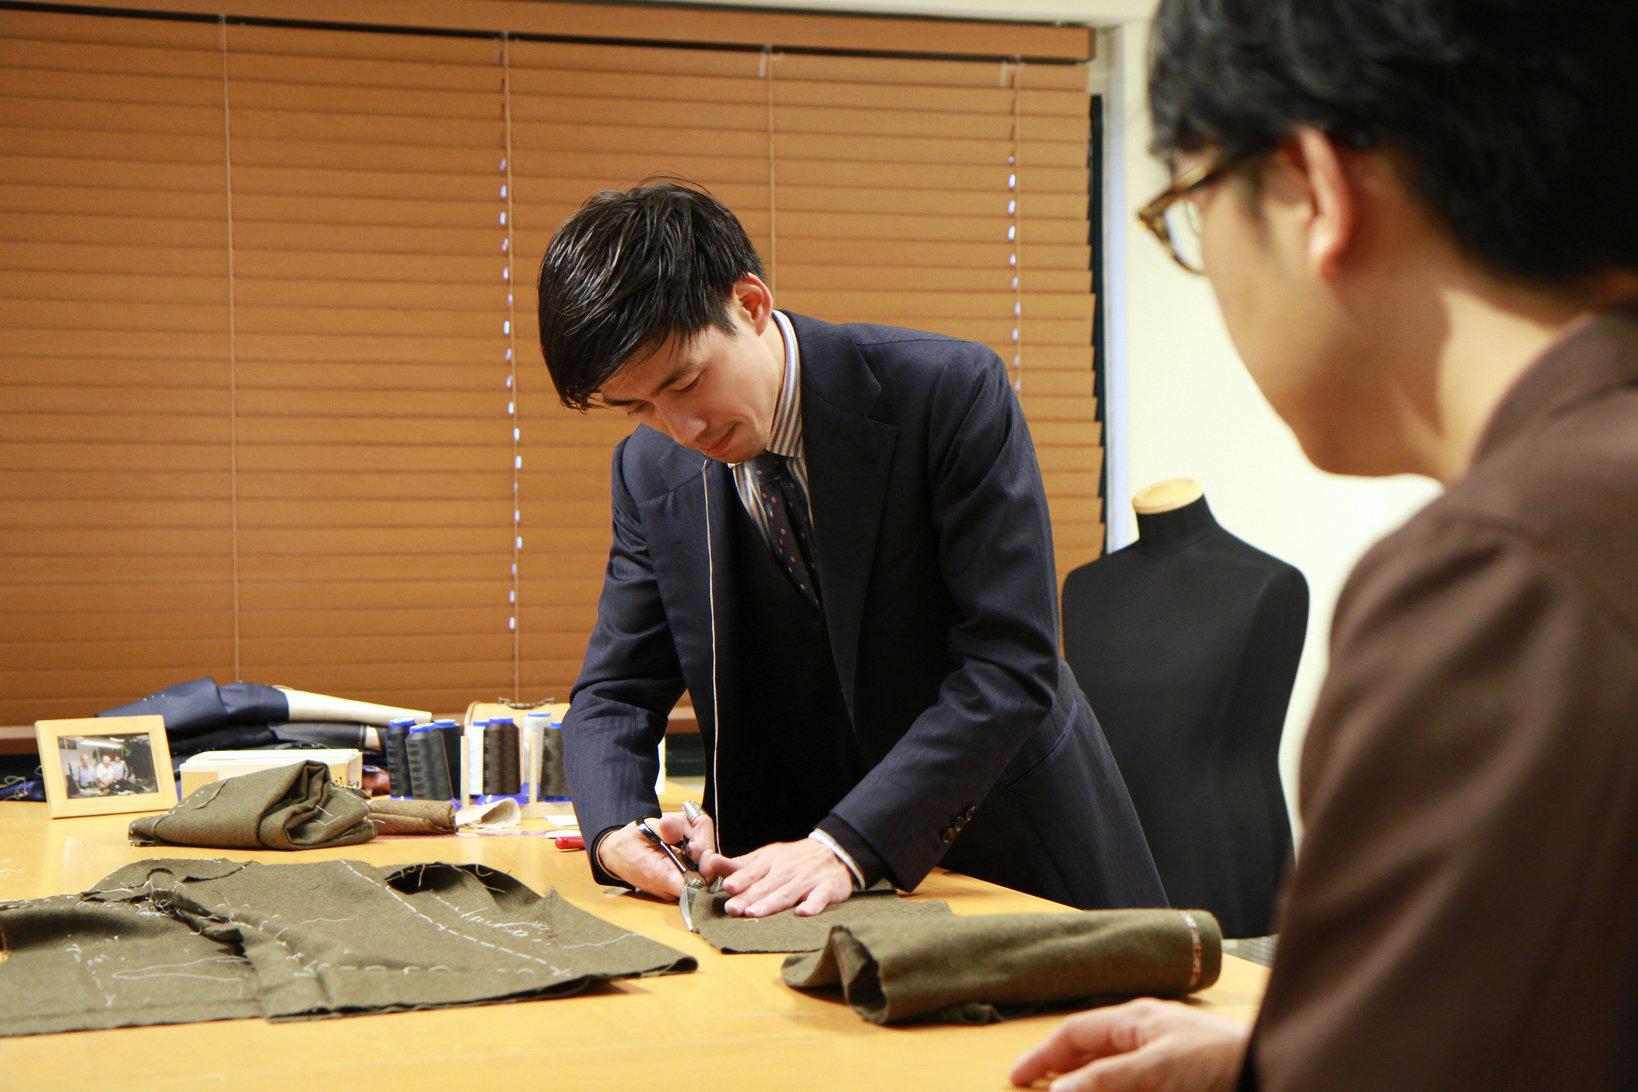 自身の店舗兼アトリエで仕事をこなす東徳行さん。店舗を訪ねて、テーラーの技術を眺められるは嬉しい。